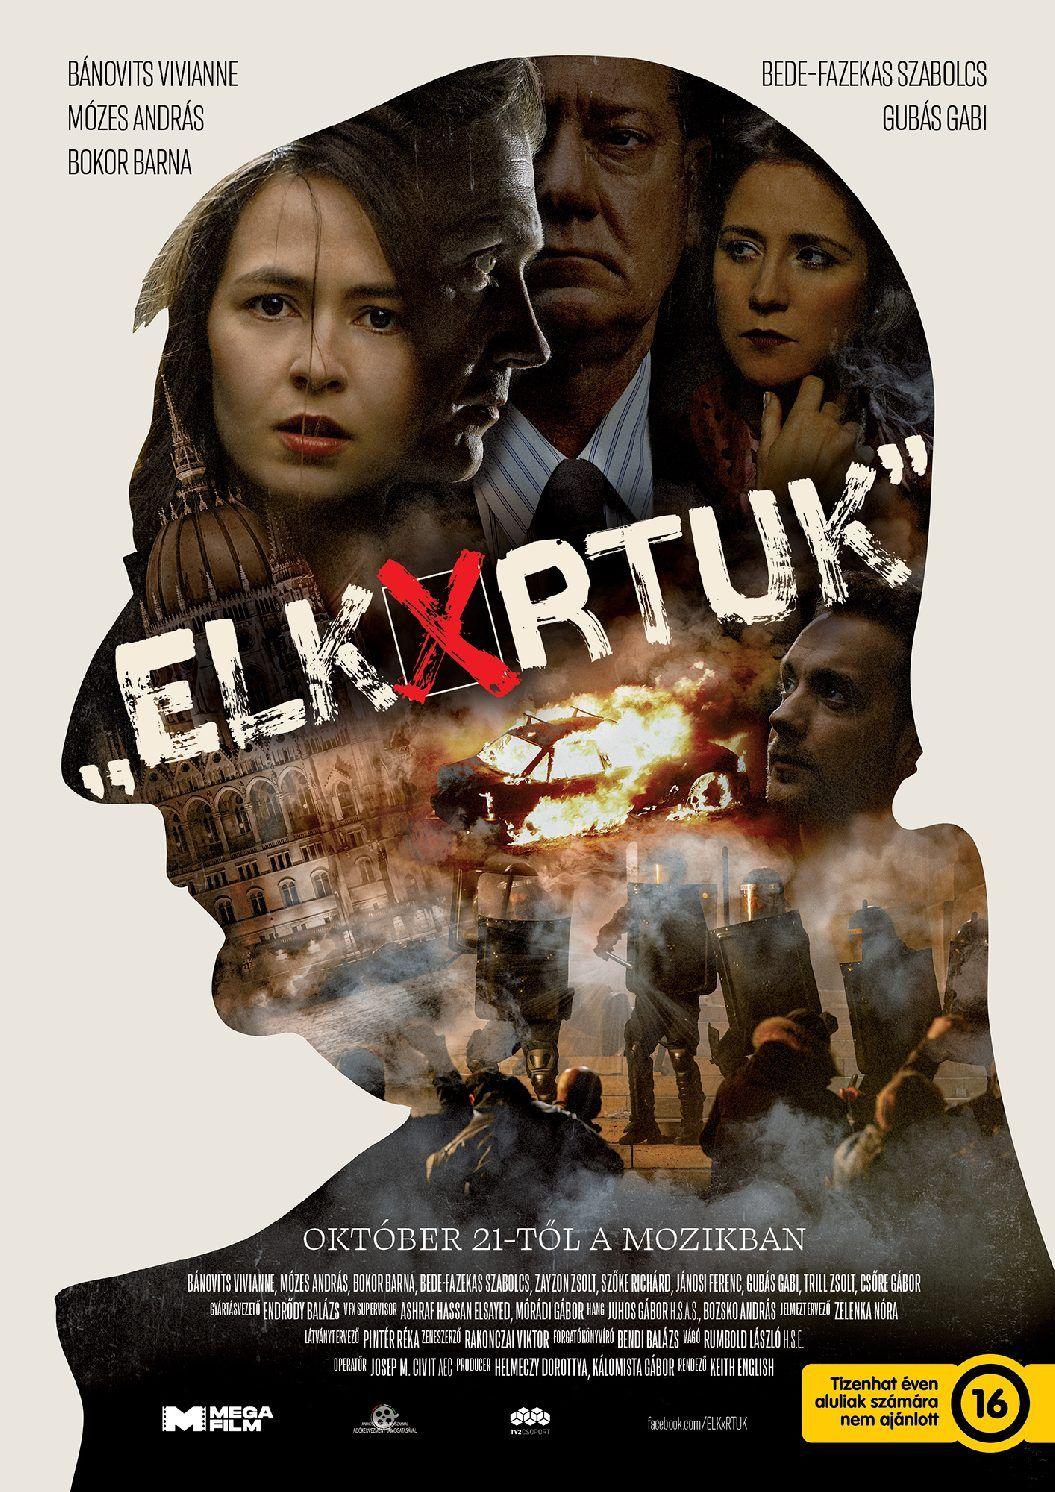 Kálomista szerint politikai okokból nem akarják játszani az Elkxrtuk-at, a mozik szerint szimplán csak nem veszi fel a versenyt a többi filmmel